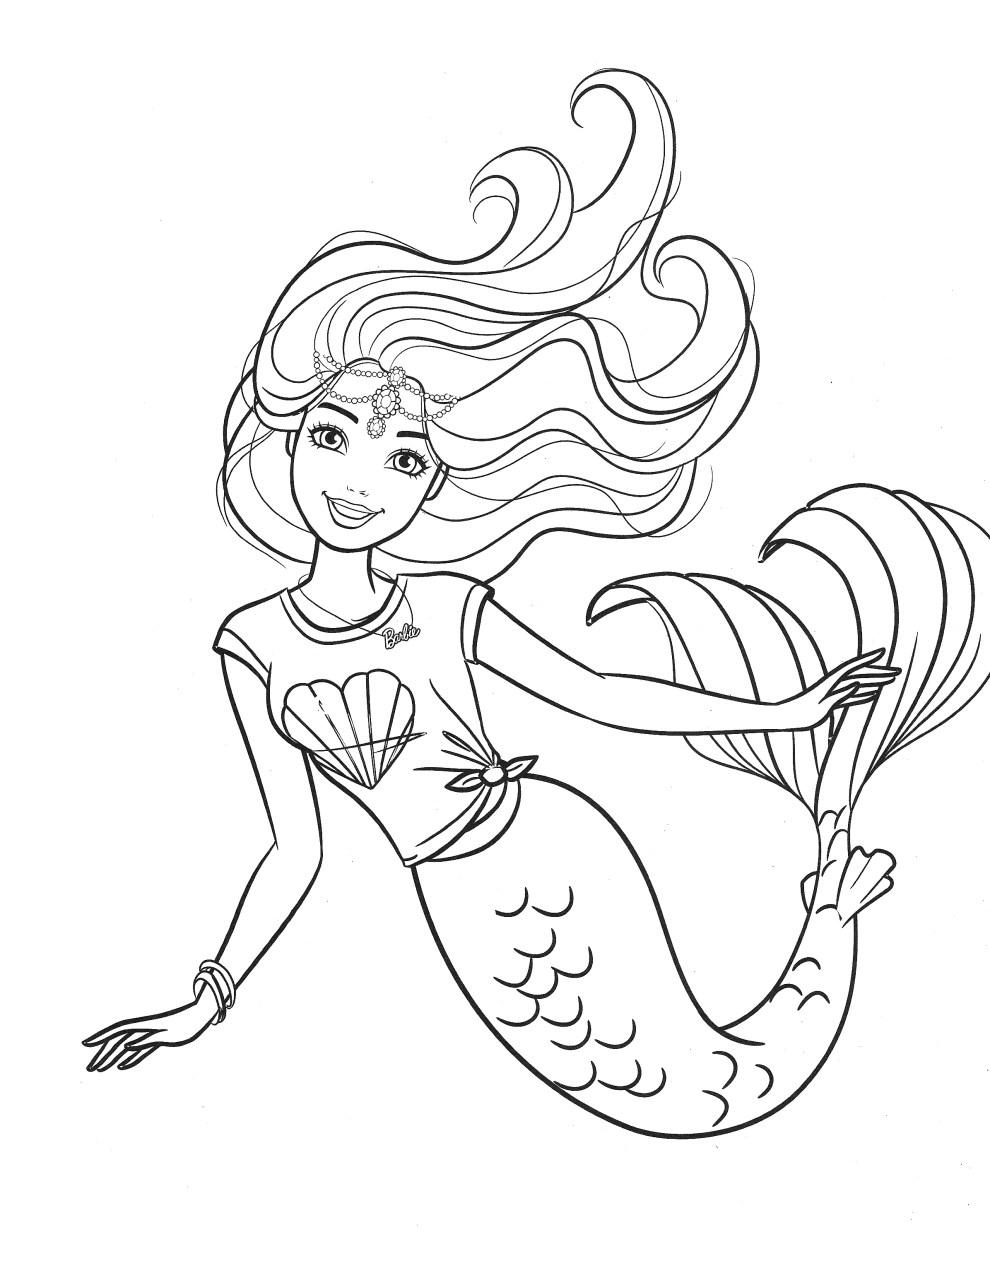 Barbie Sereia - Desenho pra pintar, colorir e imprimir - Mermaid 42